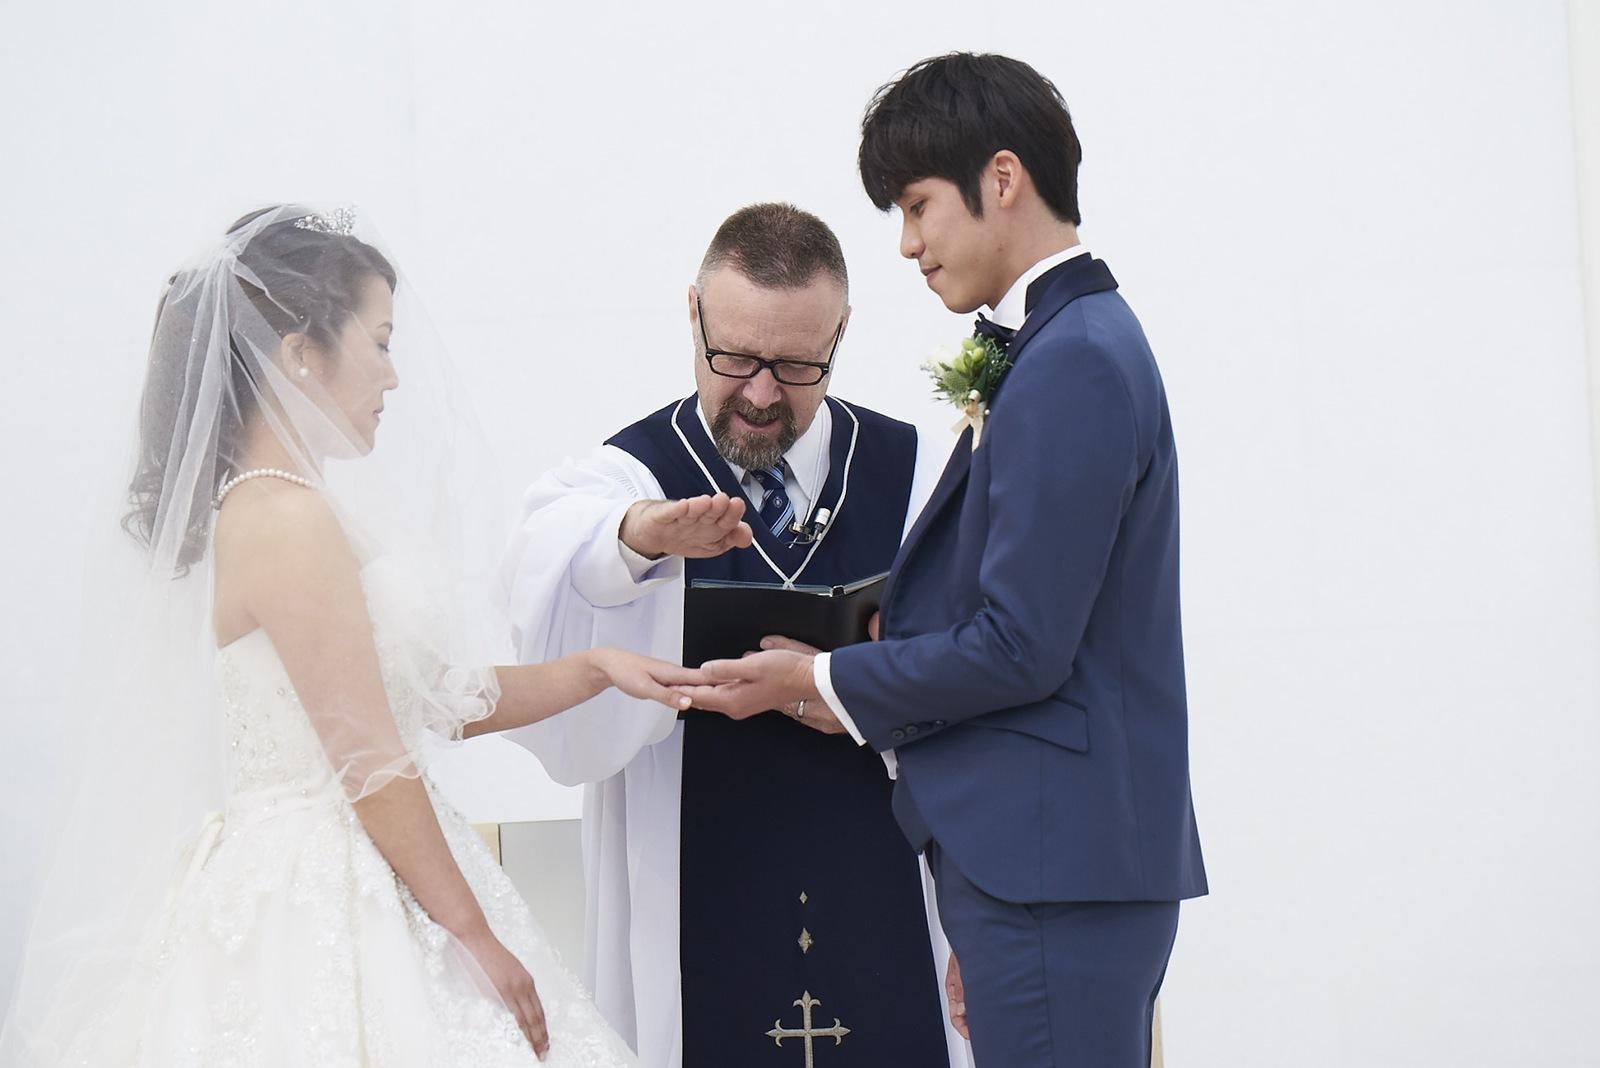 徳島県の結婚式場ブランアンジュのチャペルで指輪の交換